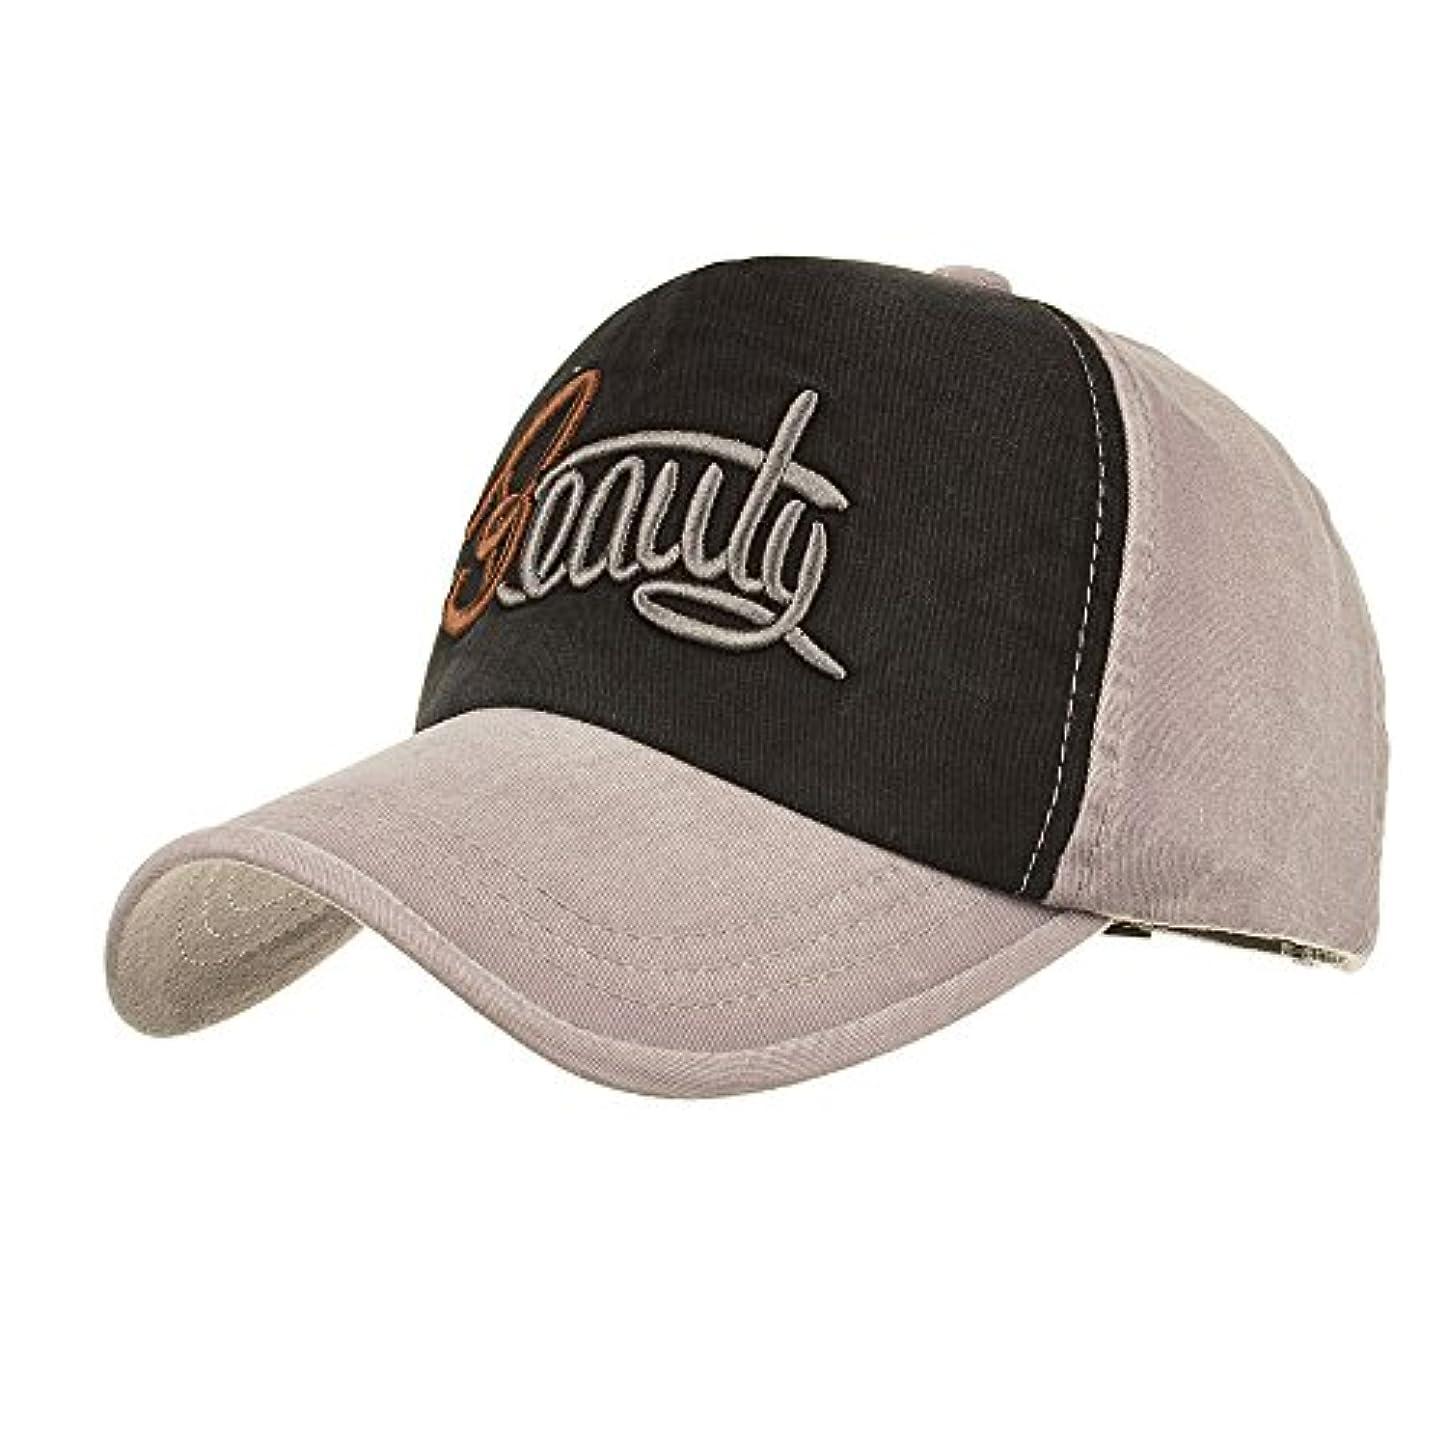 逸脱スチュアート島侮辱Racazing Cap パッチワーク刺繍 ヒップホップ 野球帽 通気性のある 帽子 夏 登山 可調整可能 棒球帽 UV 帽子 軽量 屋外 Unisex Hat (グレー)